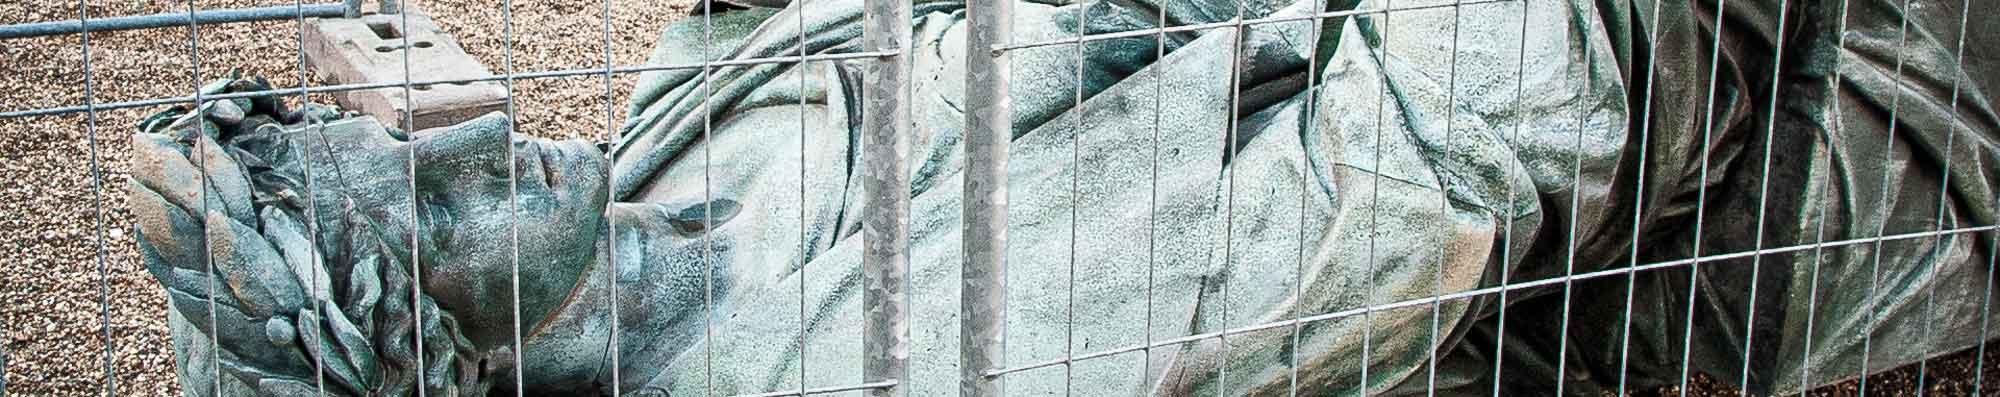 Liberté de la presse instable © 2007 Bruno D'ALIMONTE